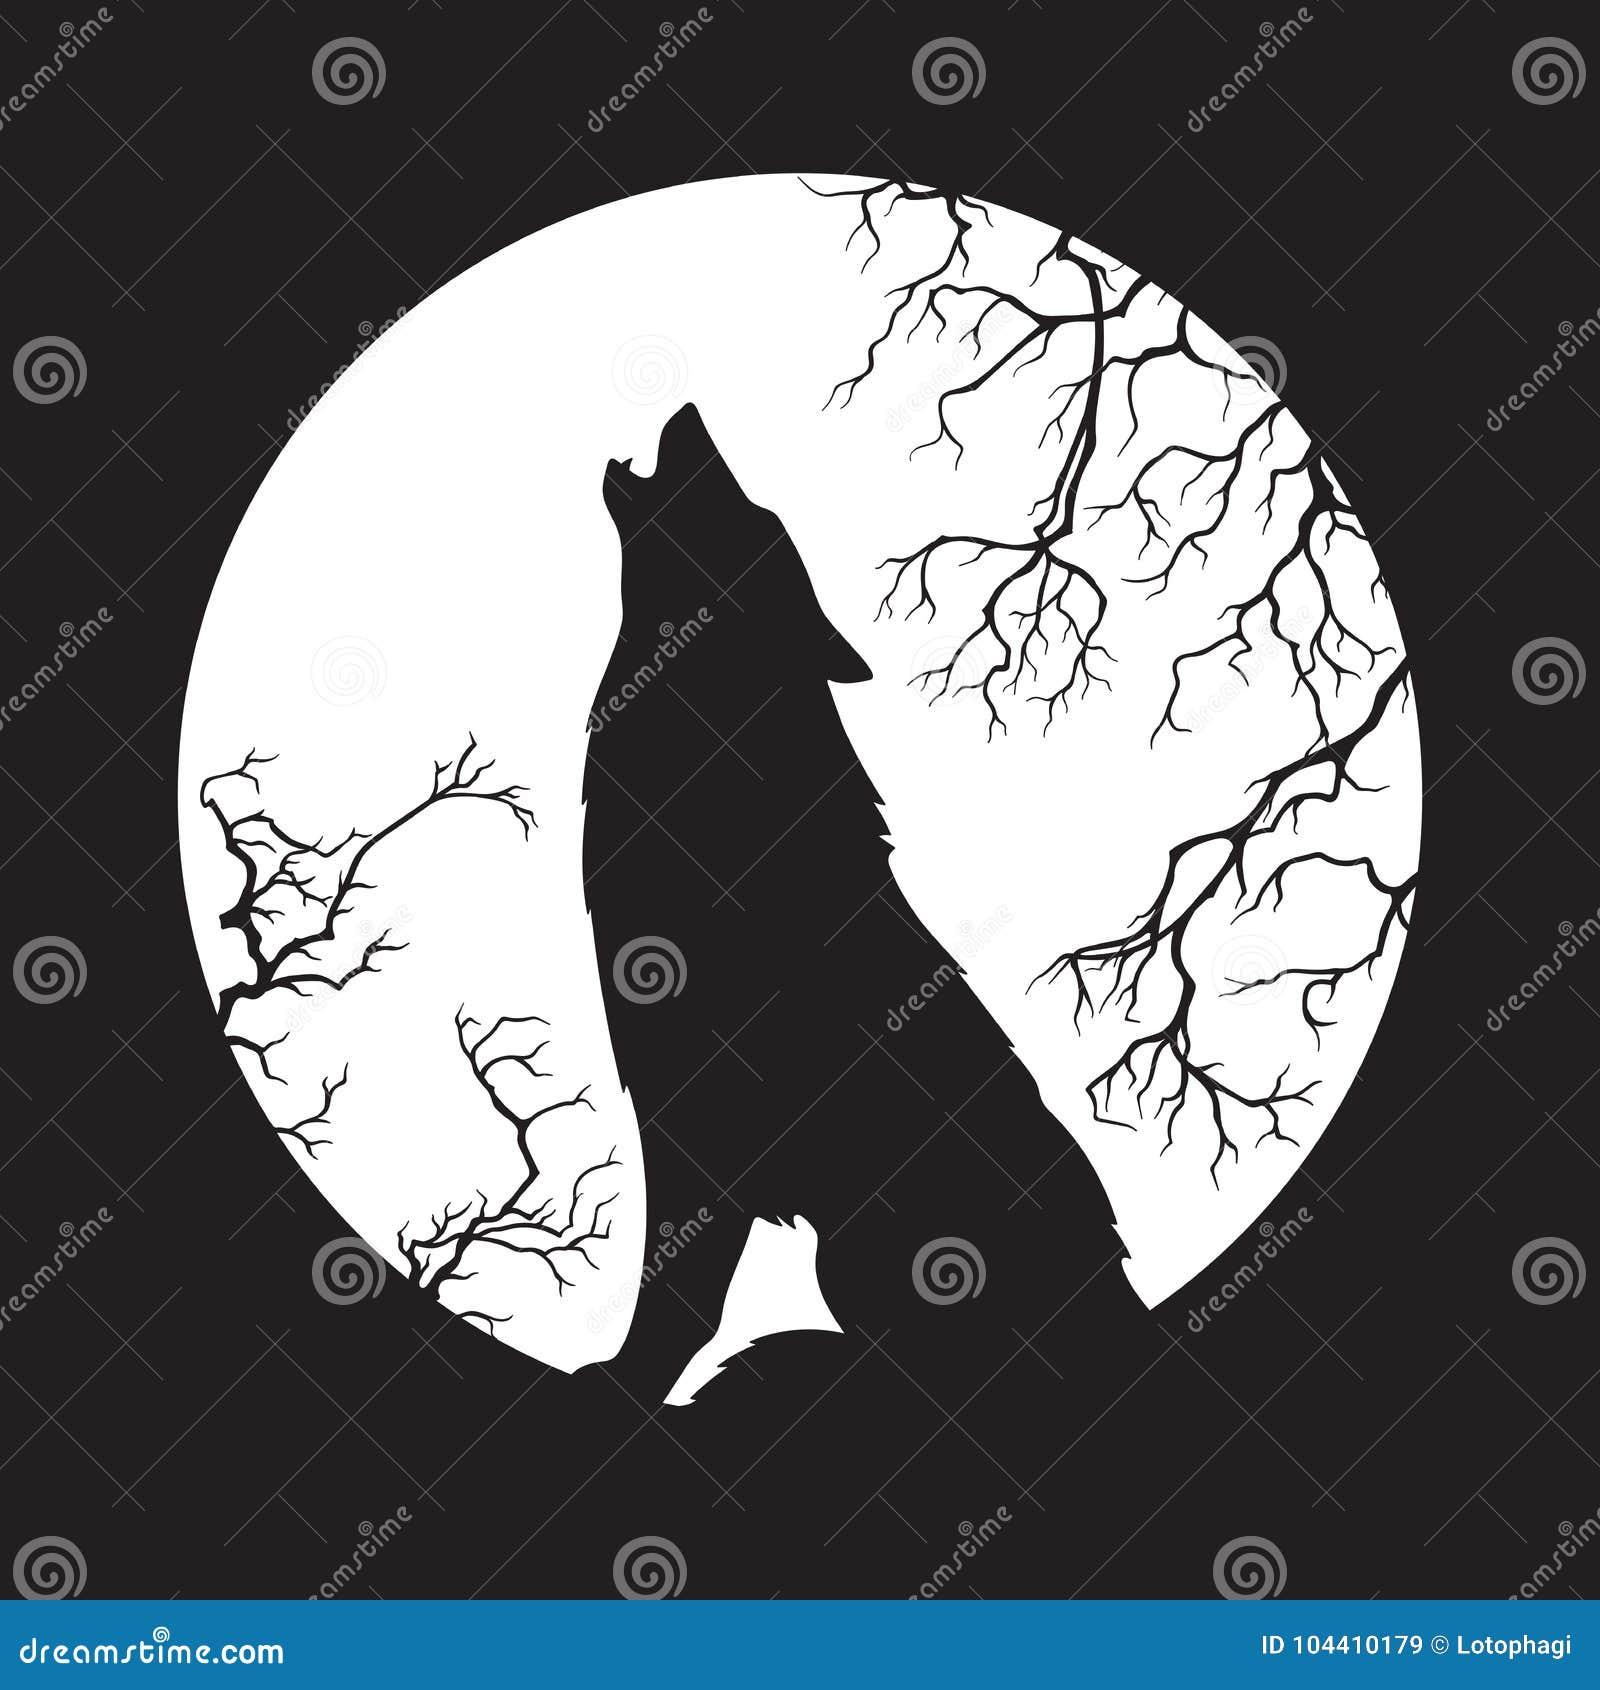 Silhouette De Loup Hurlant A L Illustration De Vecteur De Pleine